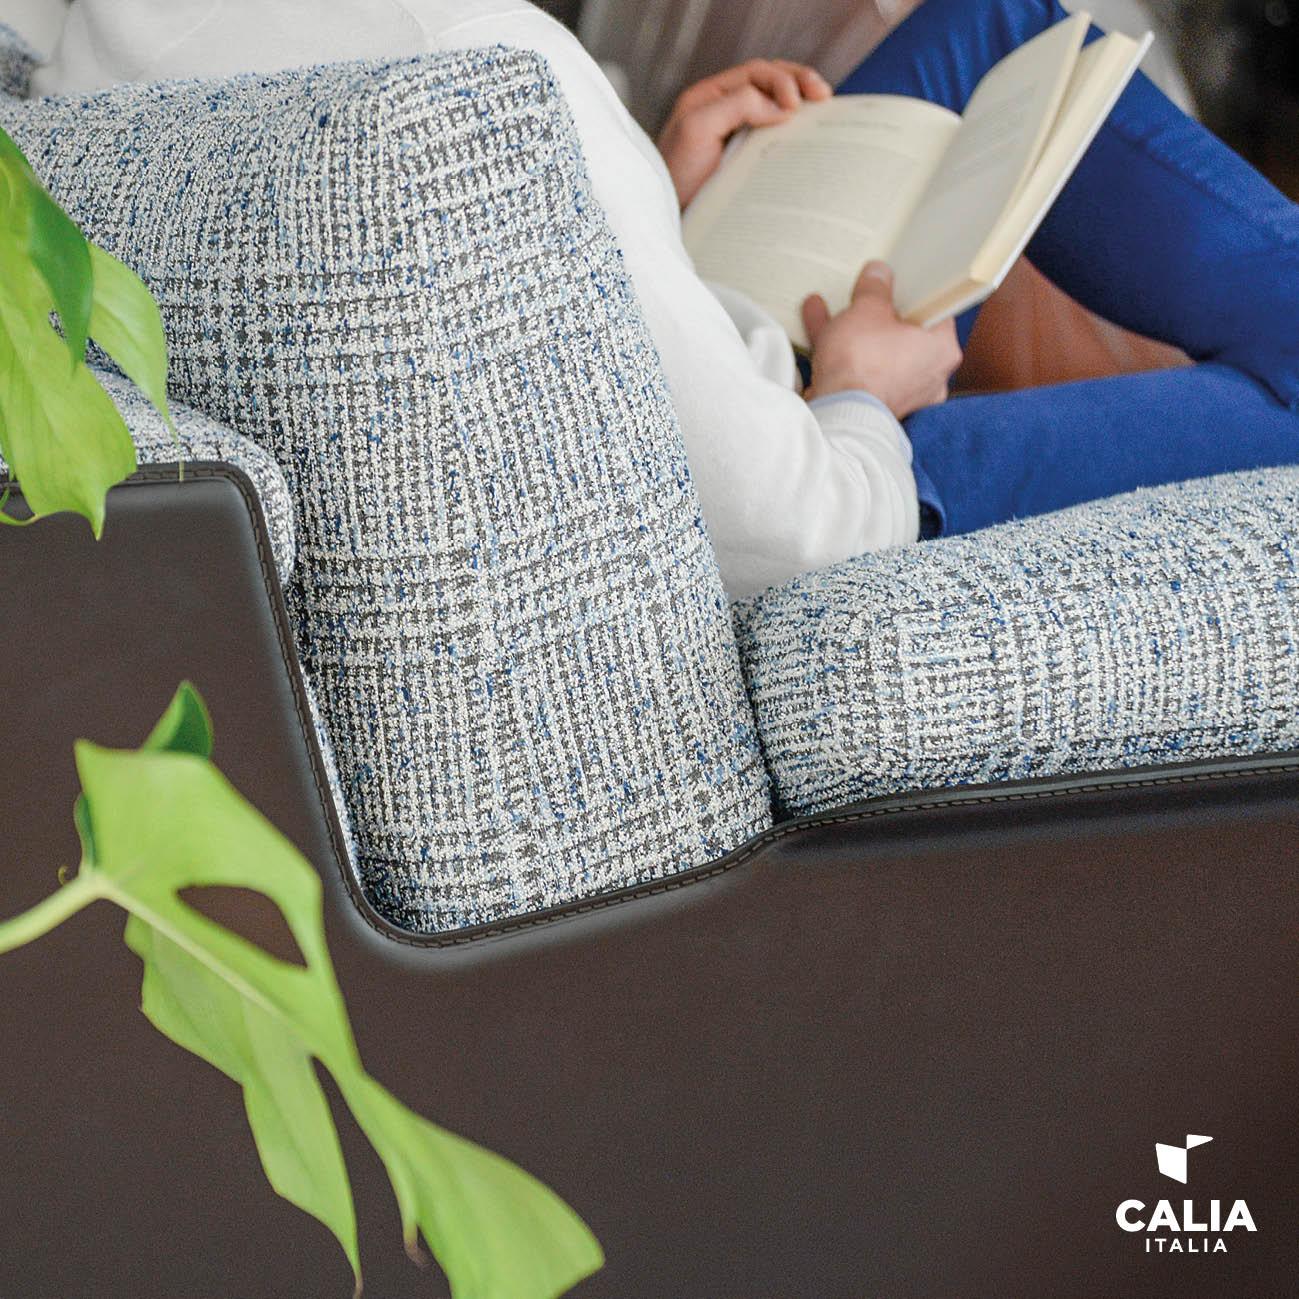 Caliaitalia - Quint'Essènza